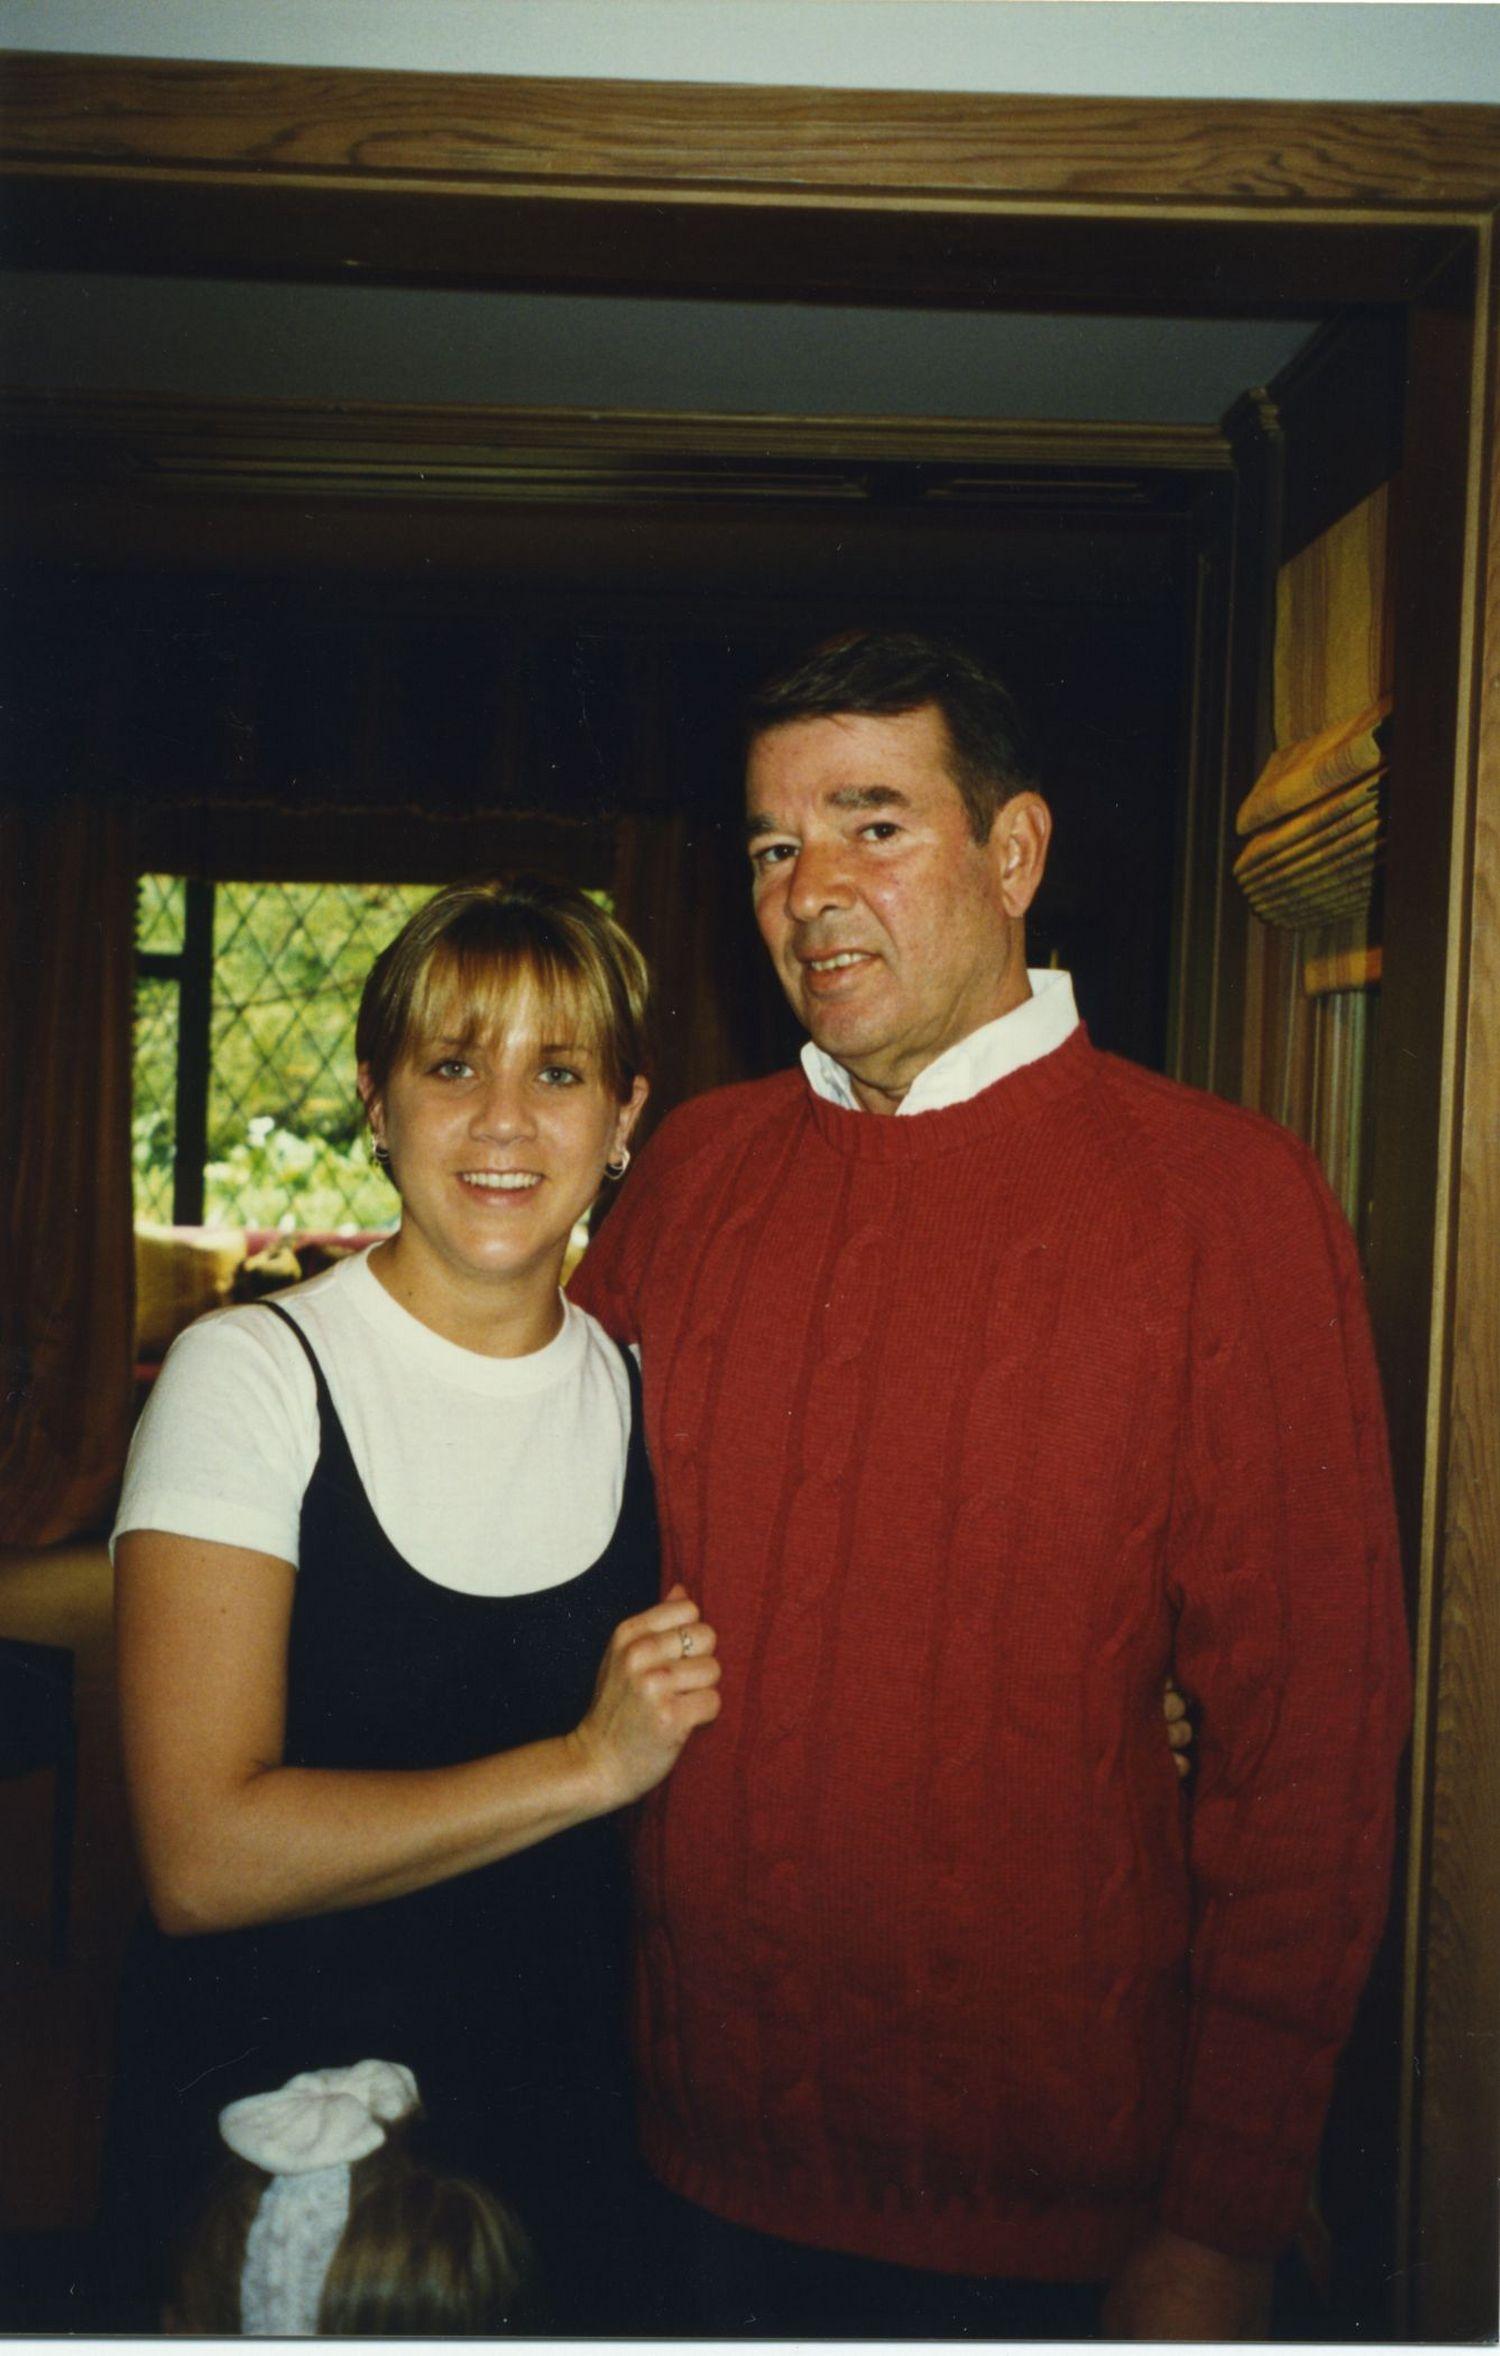 PP Amanda&Laddie redsweater2.tiff (1)